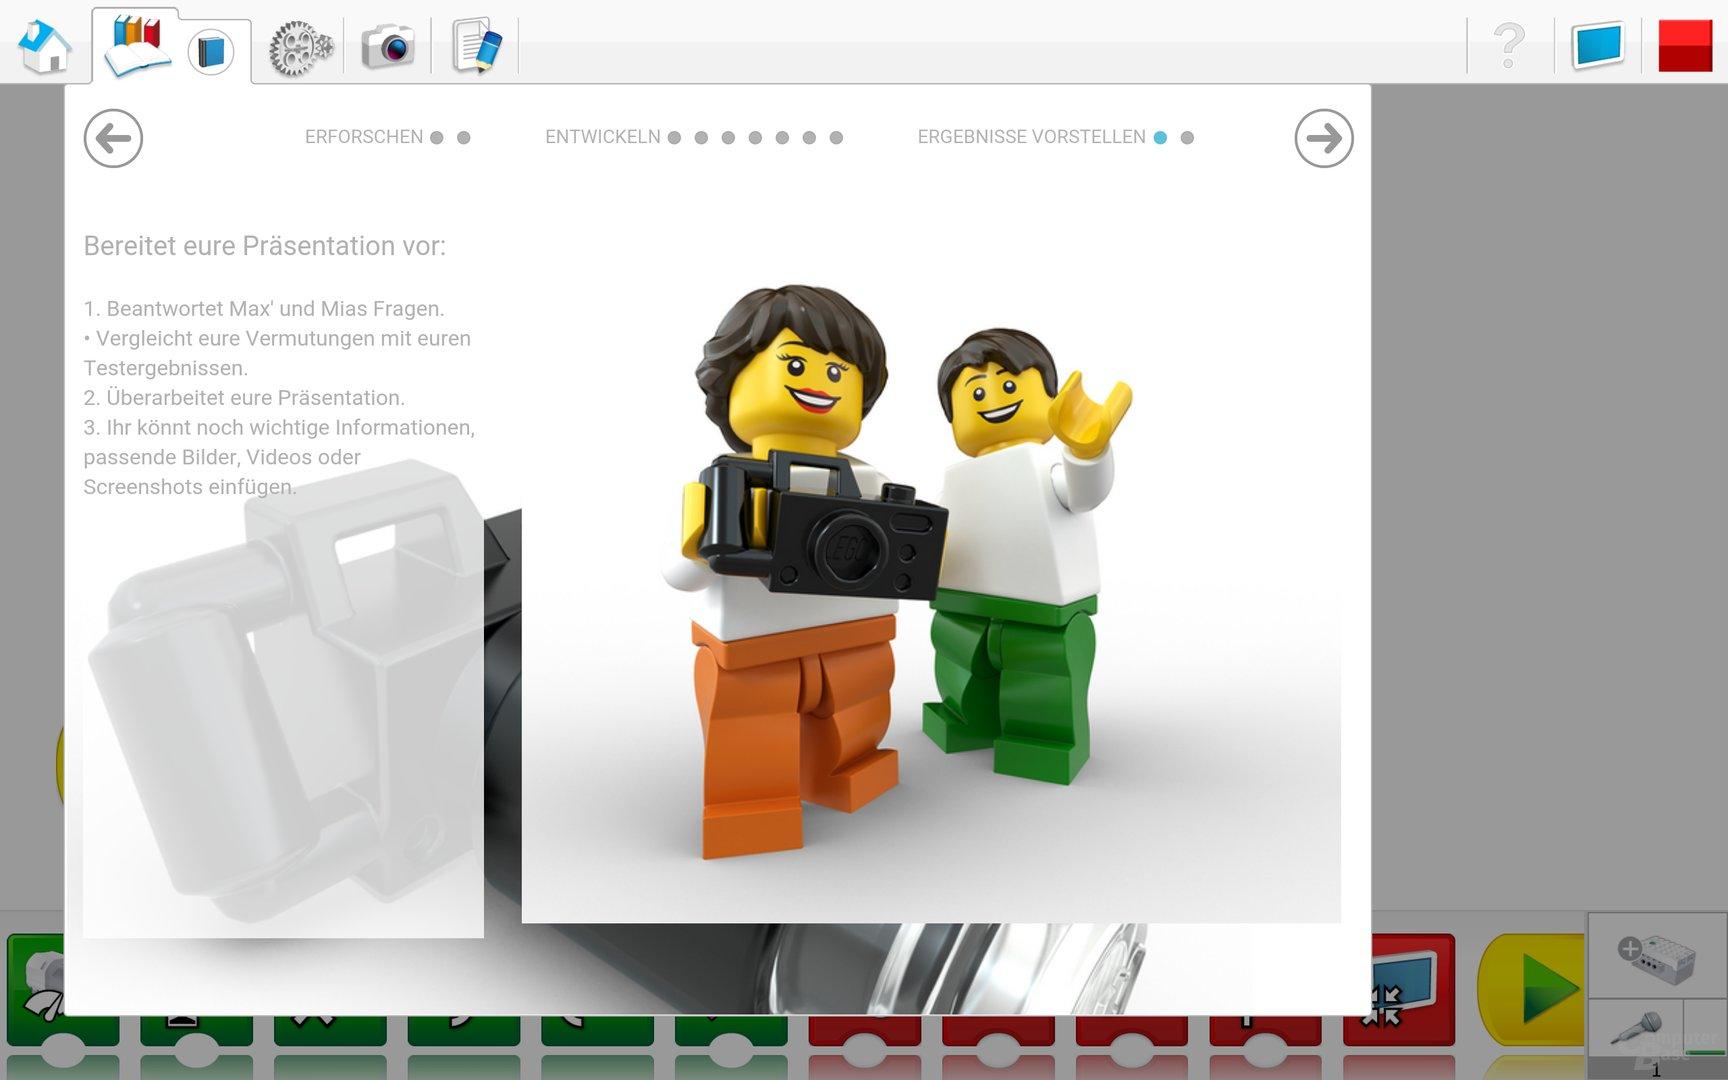 Lego WeDo 2.0 Android App – Hilfestellung für die Präsentation